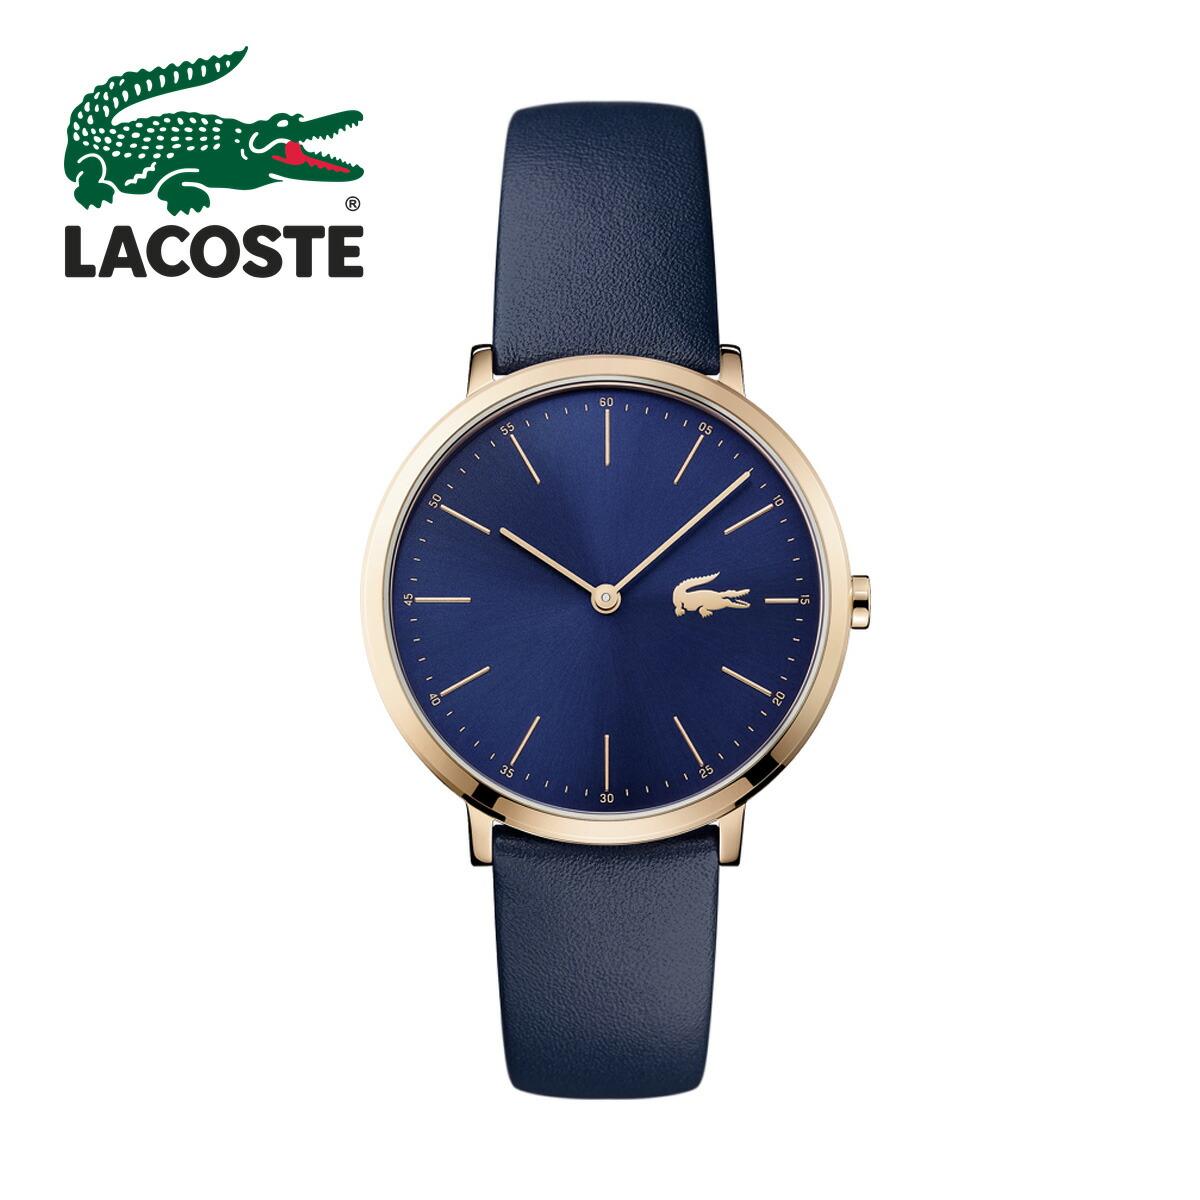 DIESEL ディーゼル 腕時計 おしゃれ かっこいい プレゼント